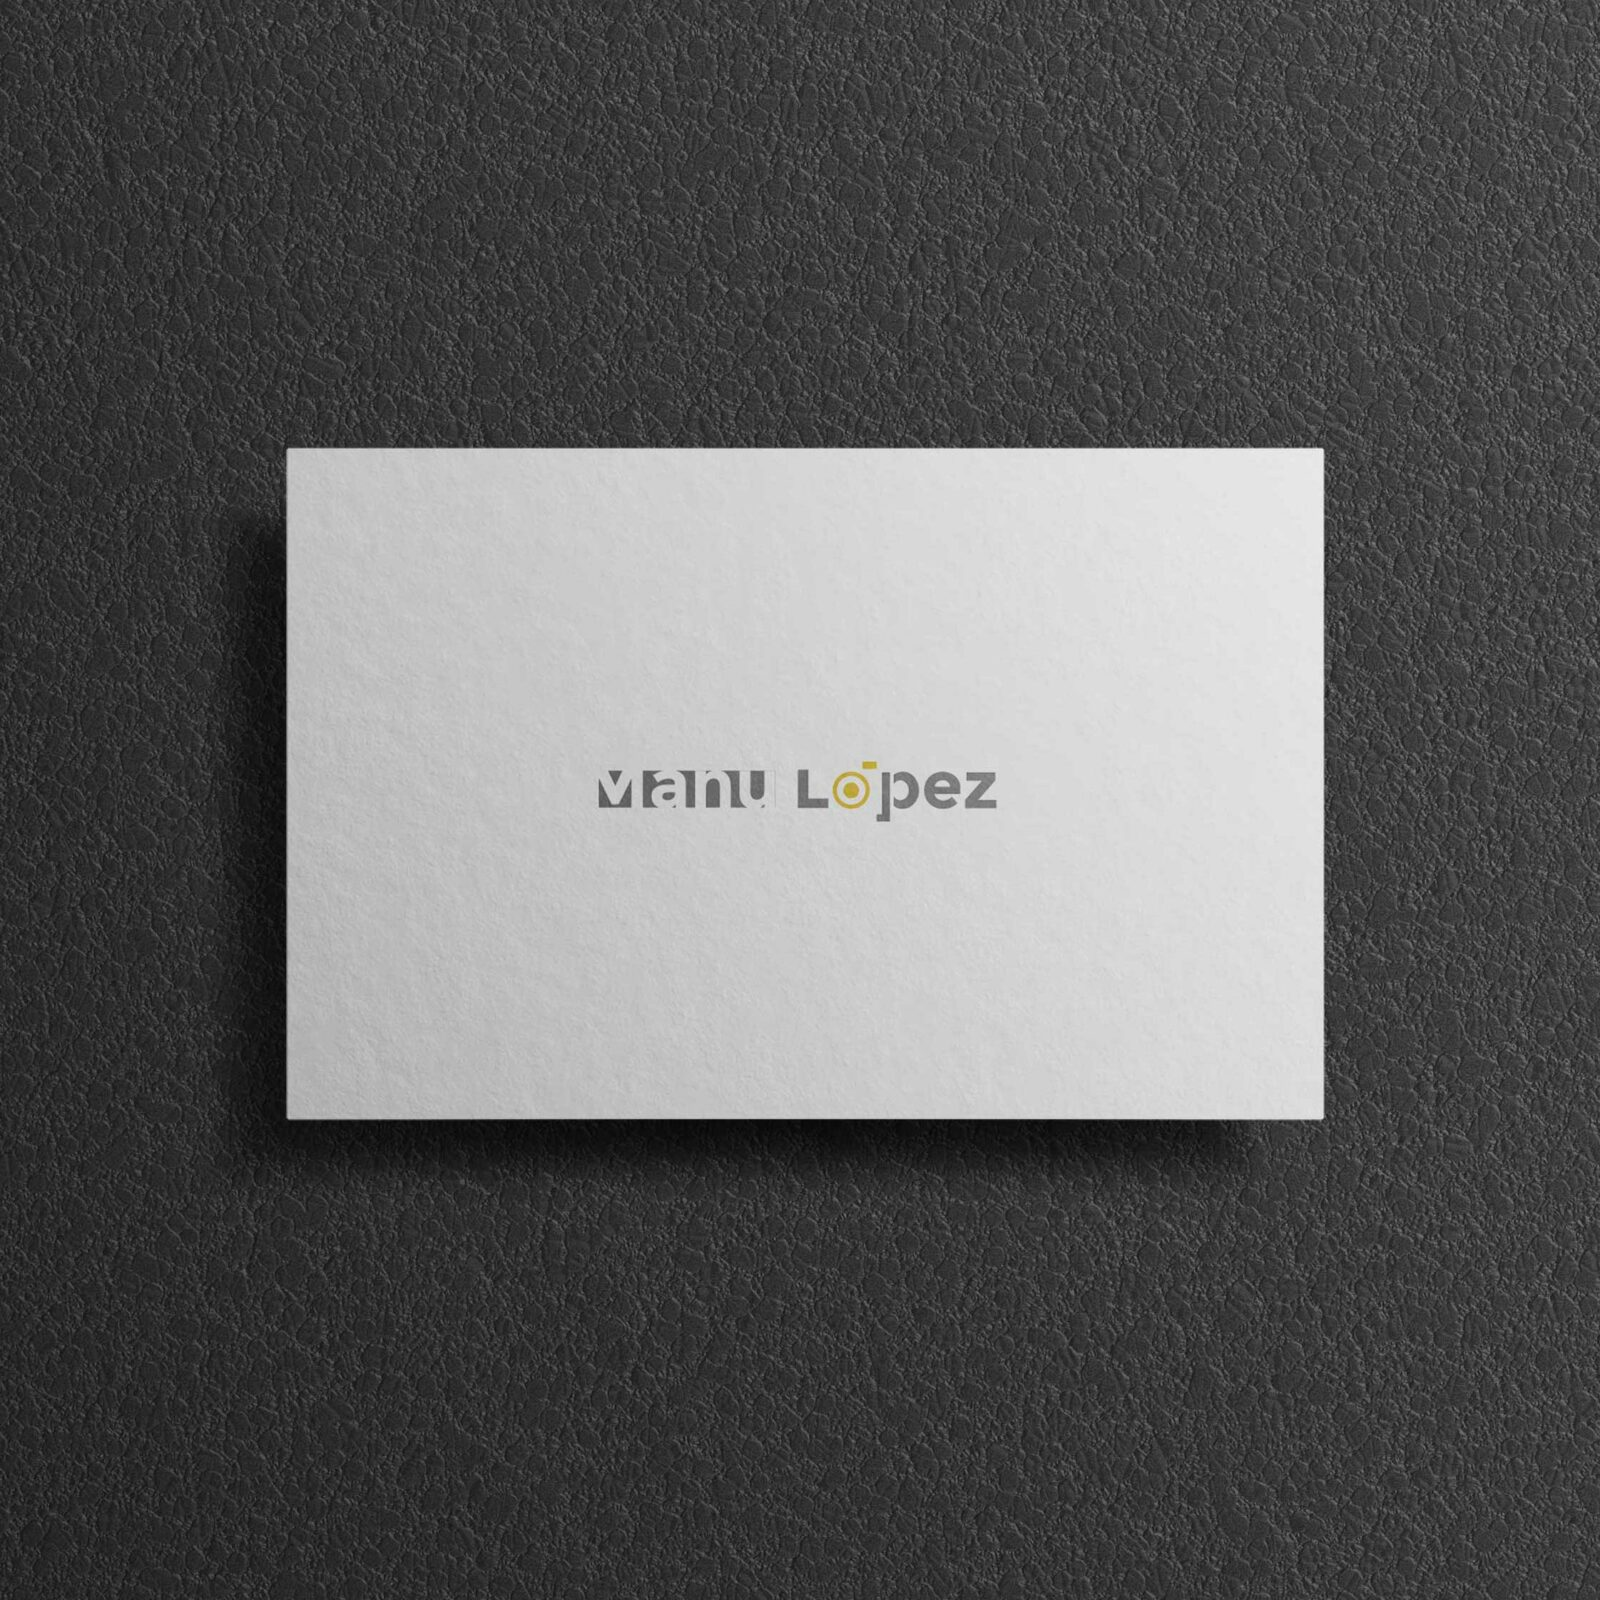 diseño de logotipo para fotografo